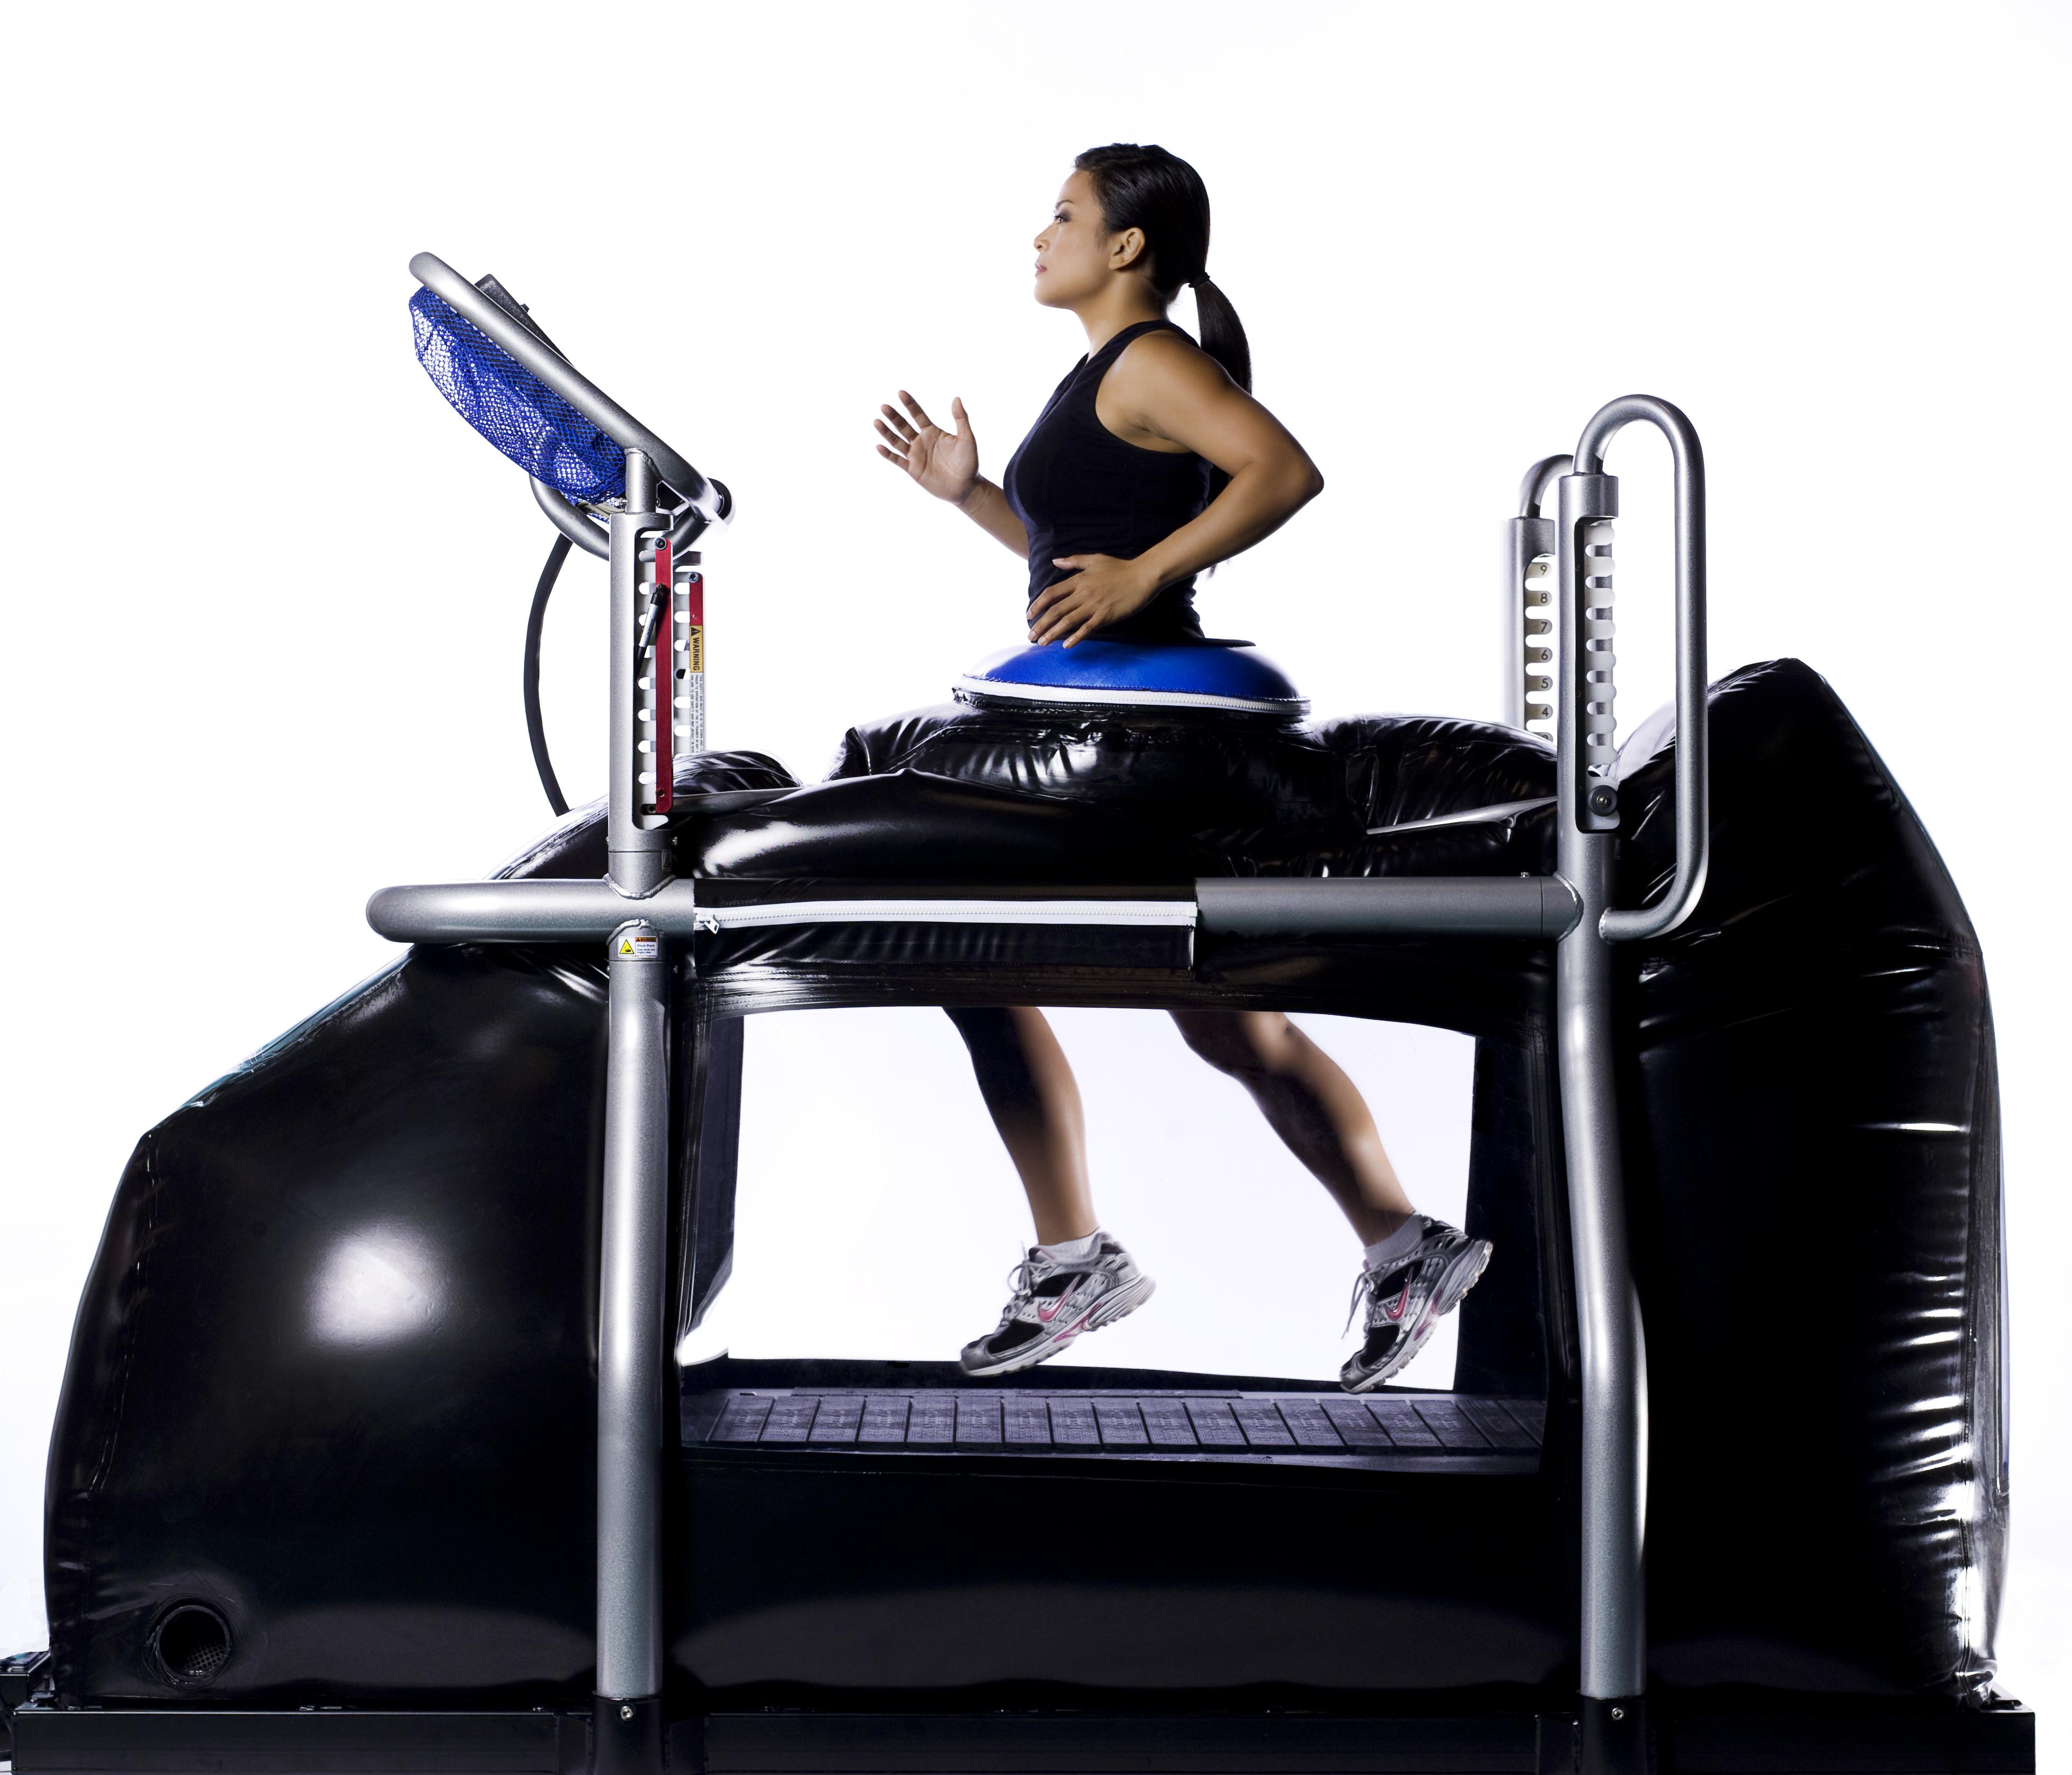 Anti-Gravity Treadmill NASA